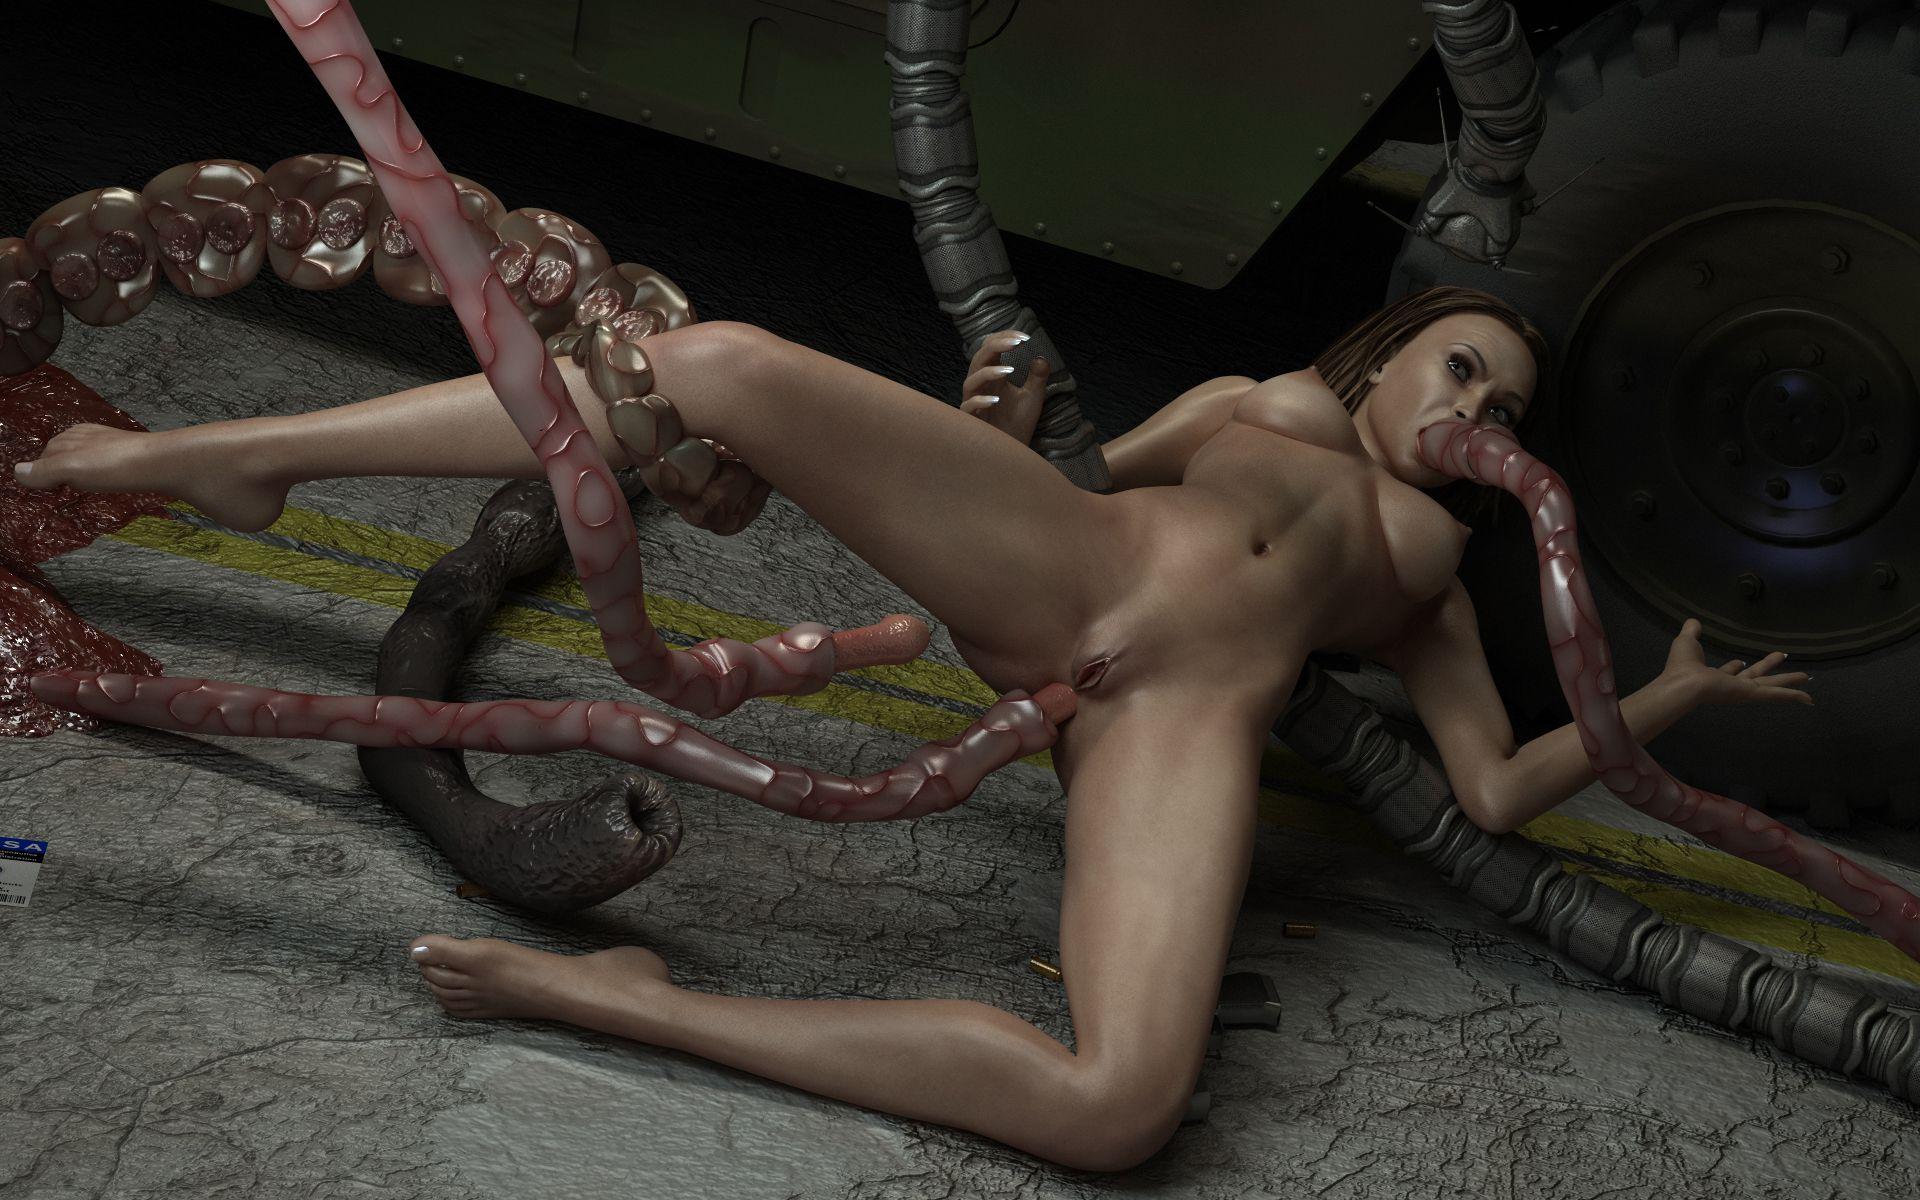 Nude alien sex hardcore denise richards naked